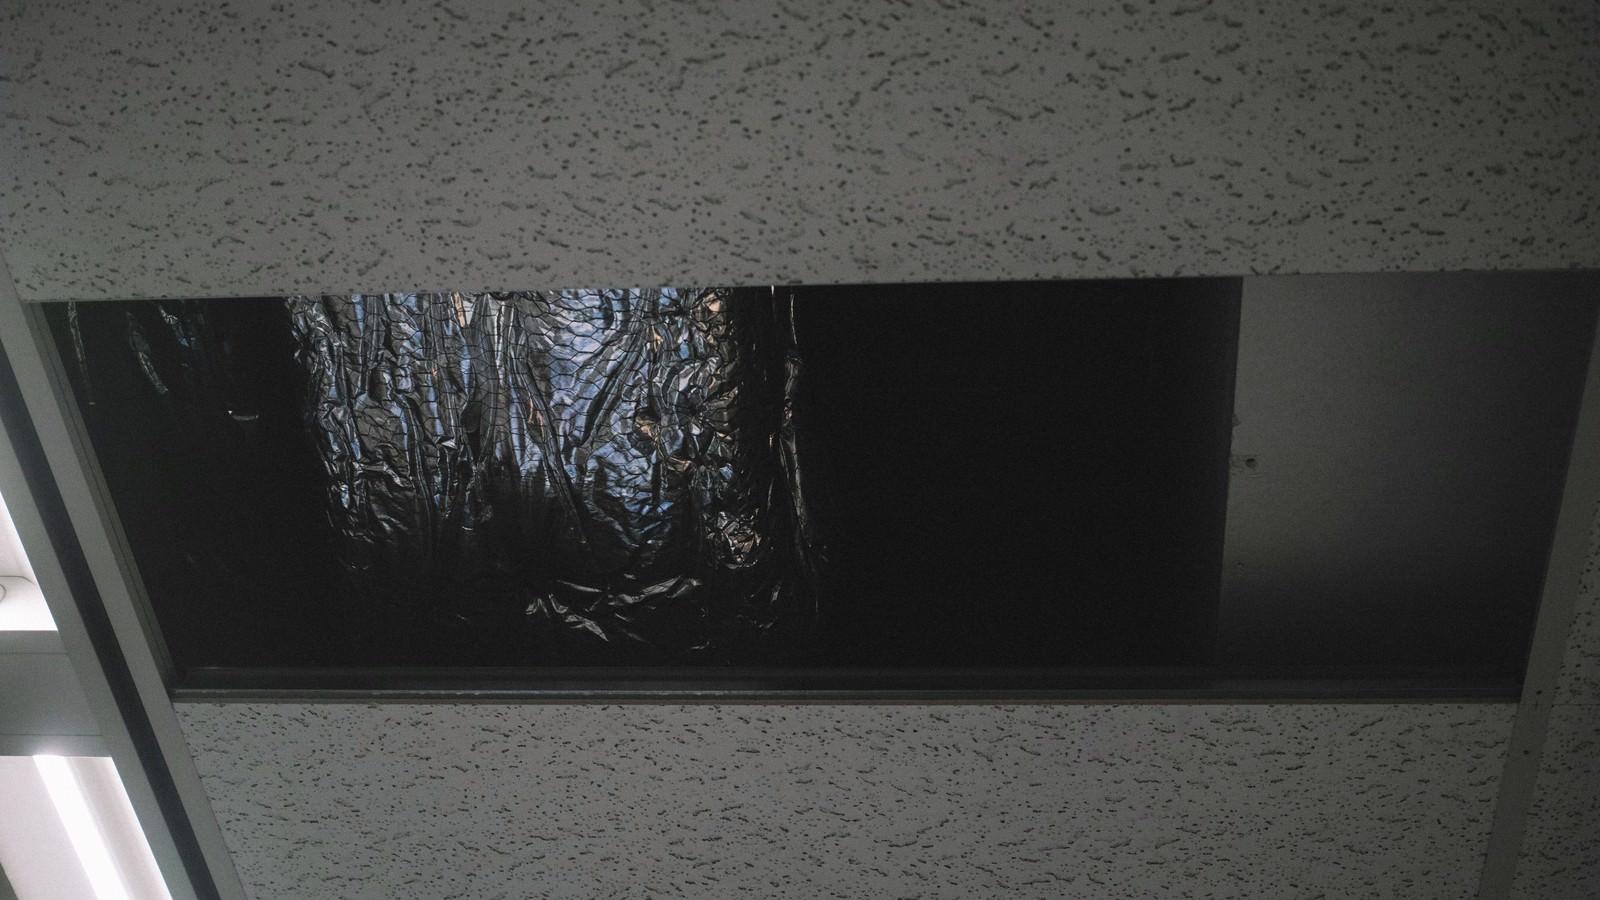 「天井に穴が空いた天井に穴が空いた」のフリー写真素材を拡大